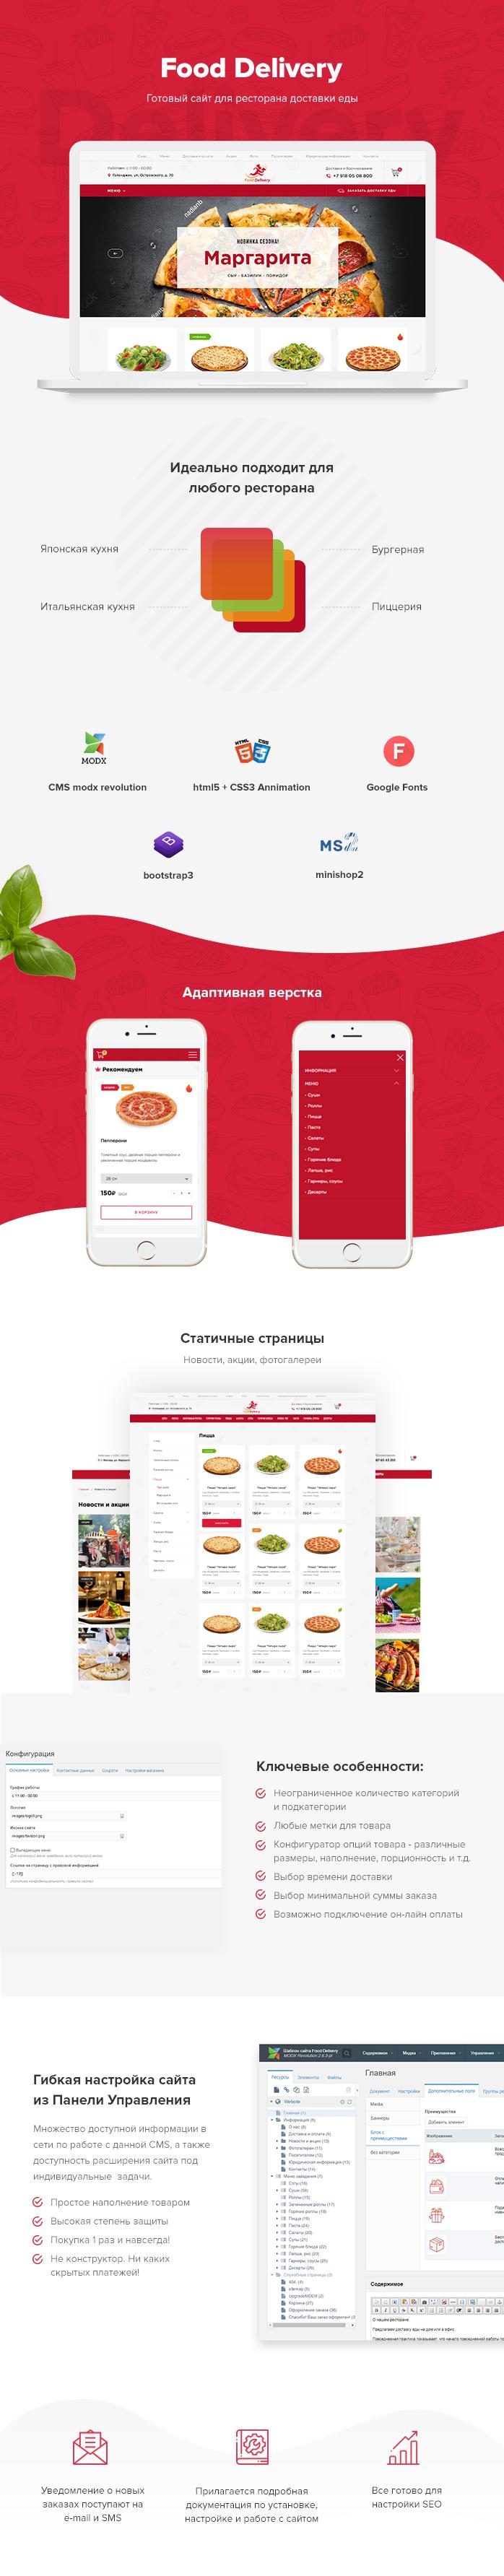 готовый сайт ресторана доставки еды